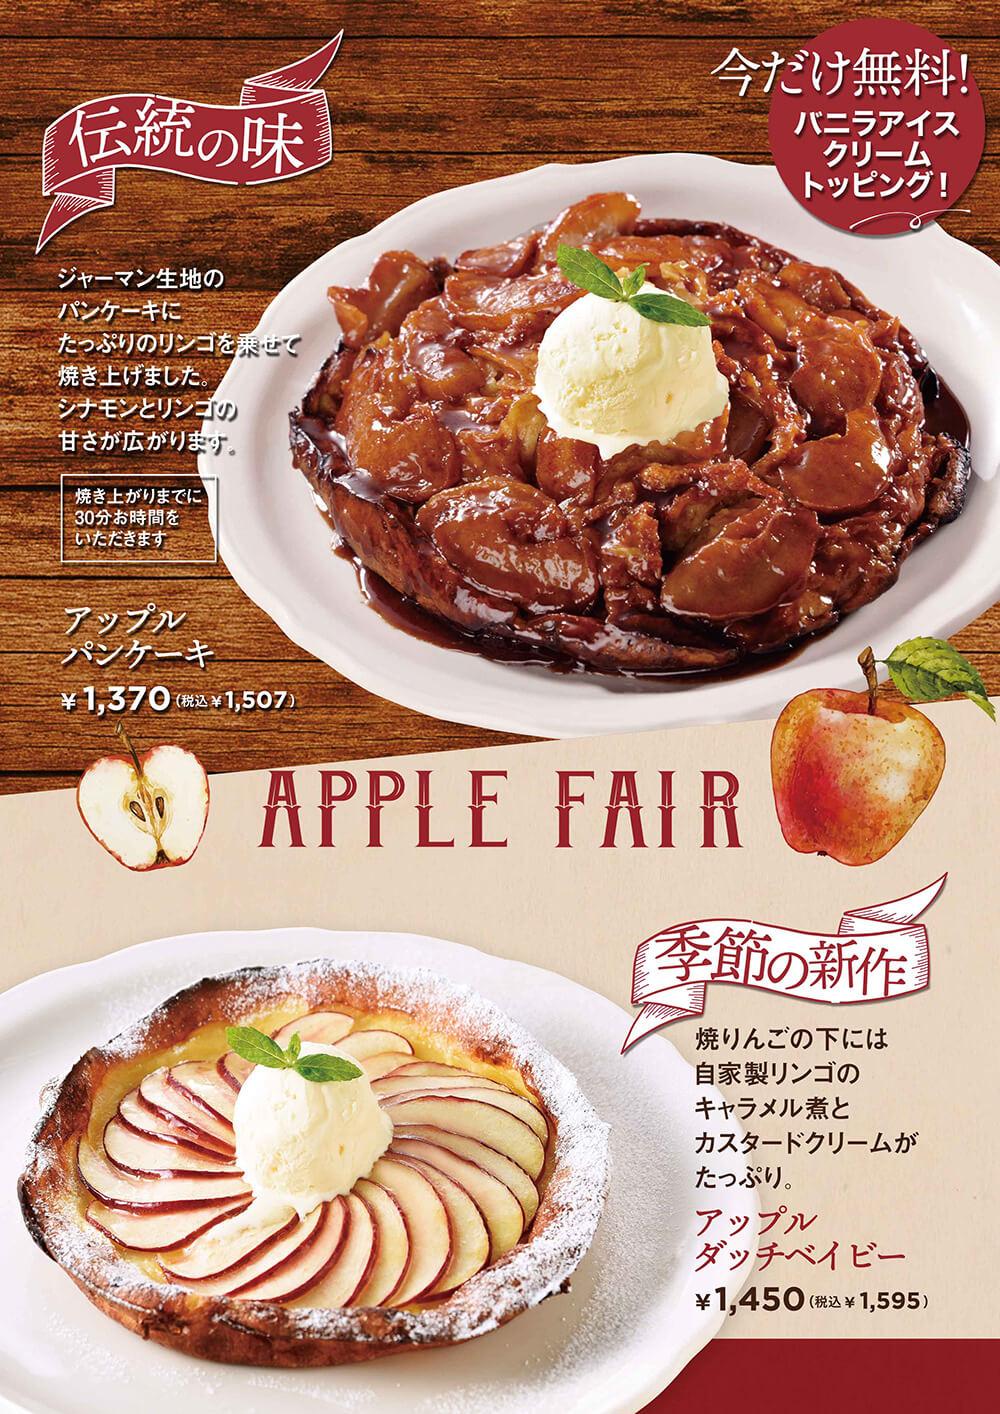 アップルパンケーキフェア開催!